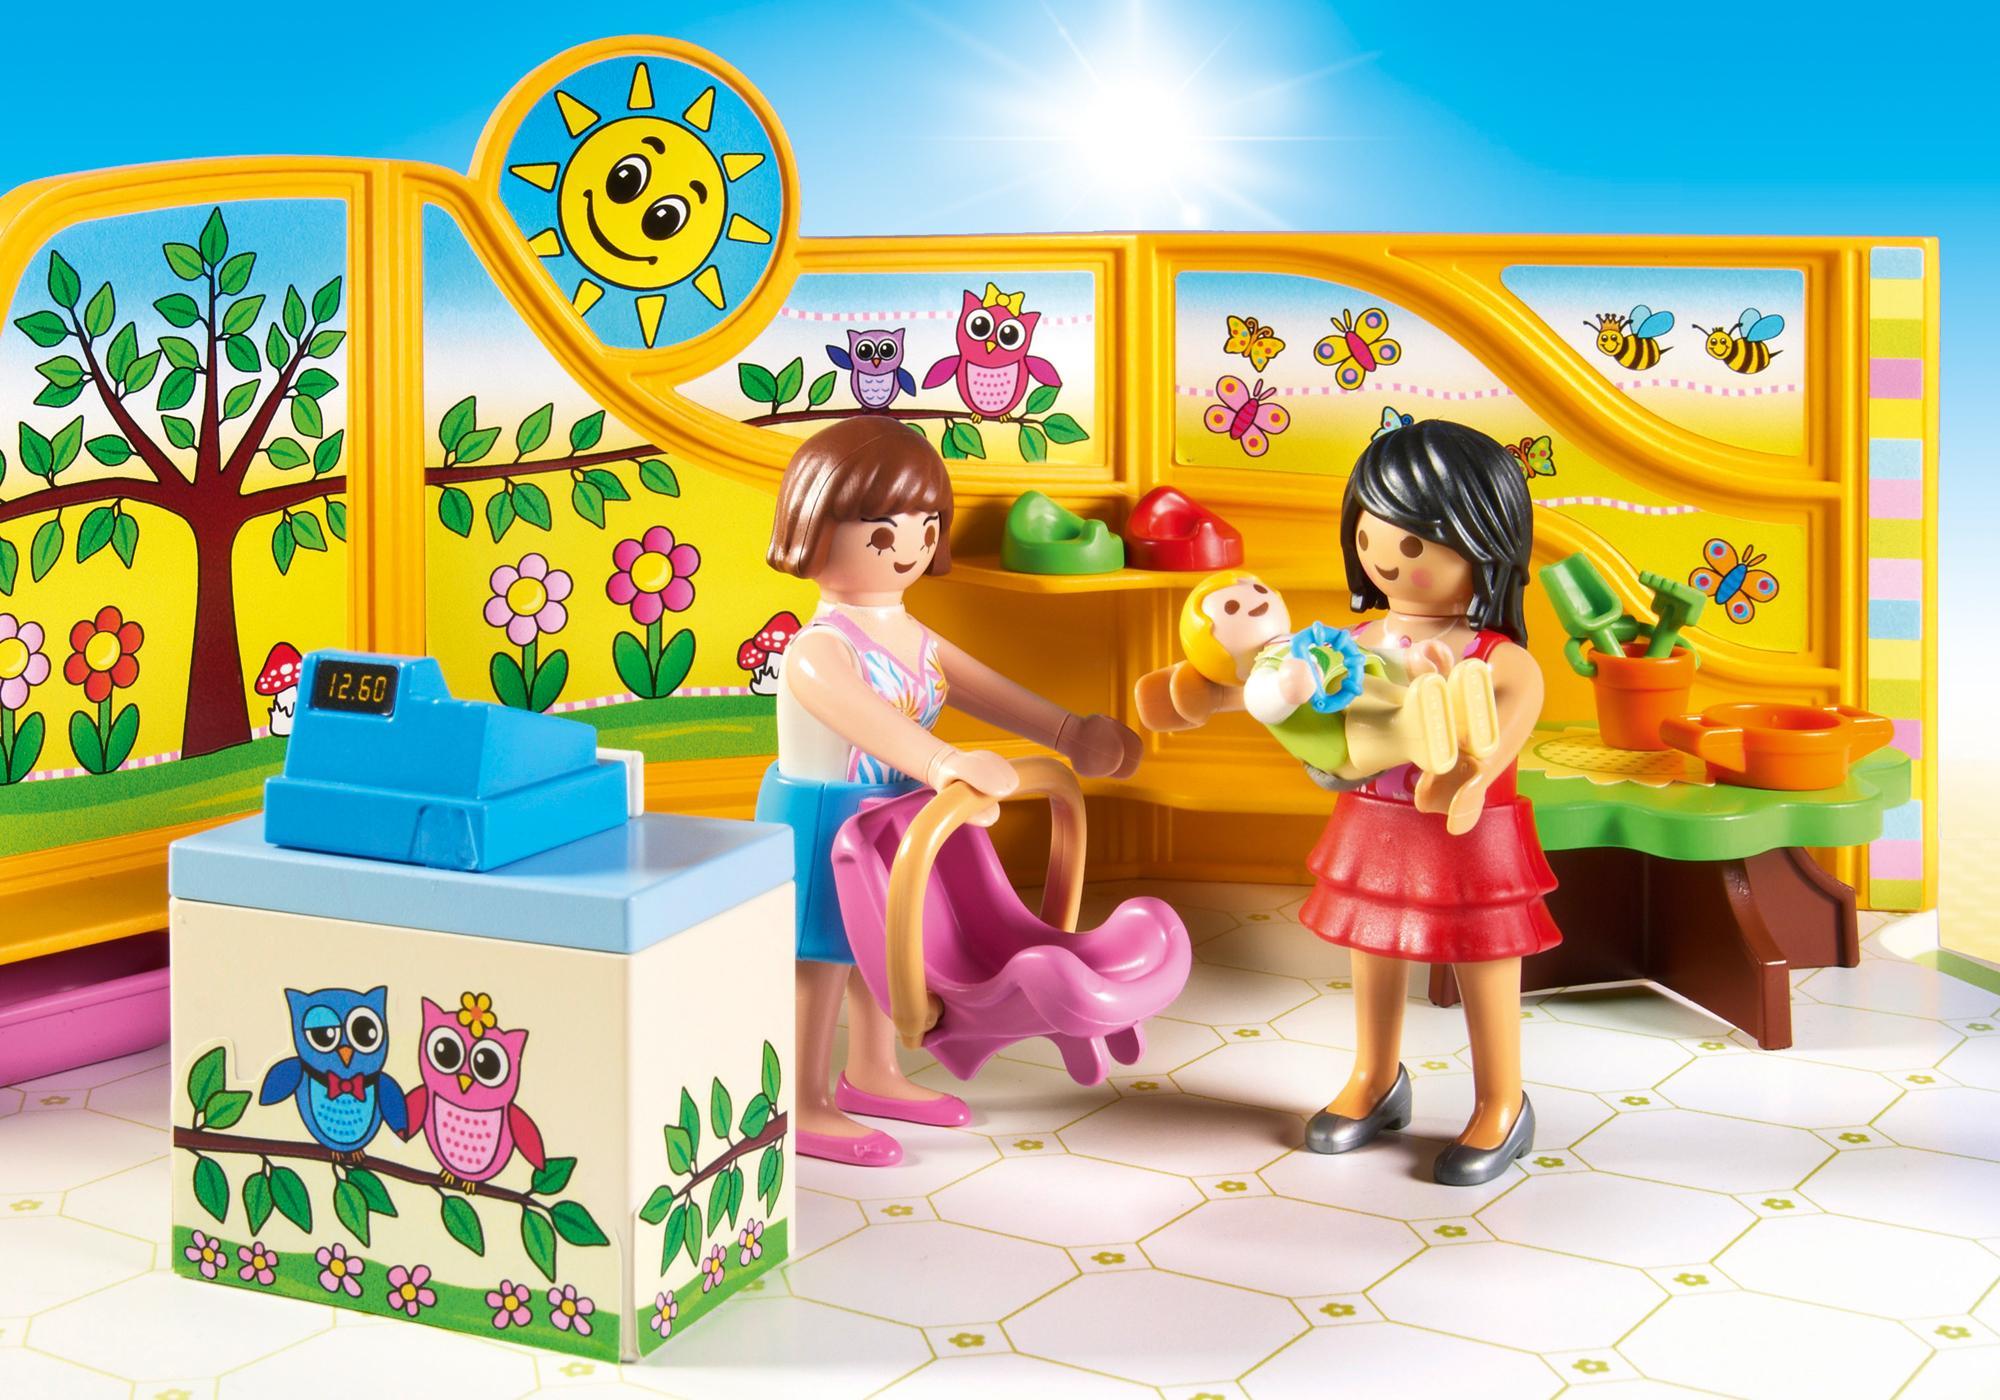 http://media.playmobil.com/i/playmobil/9079_product_extra2/Sklep z artykułami niemowlęcymi